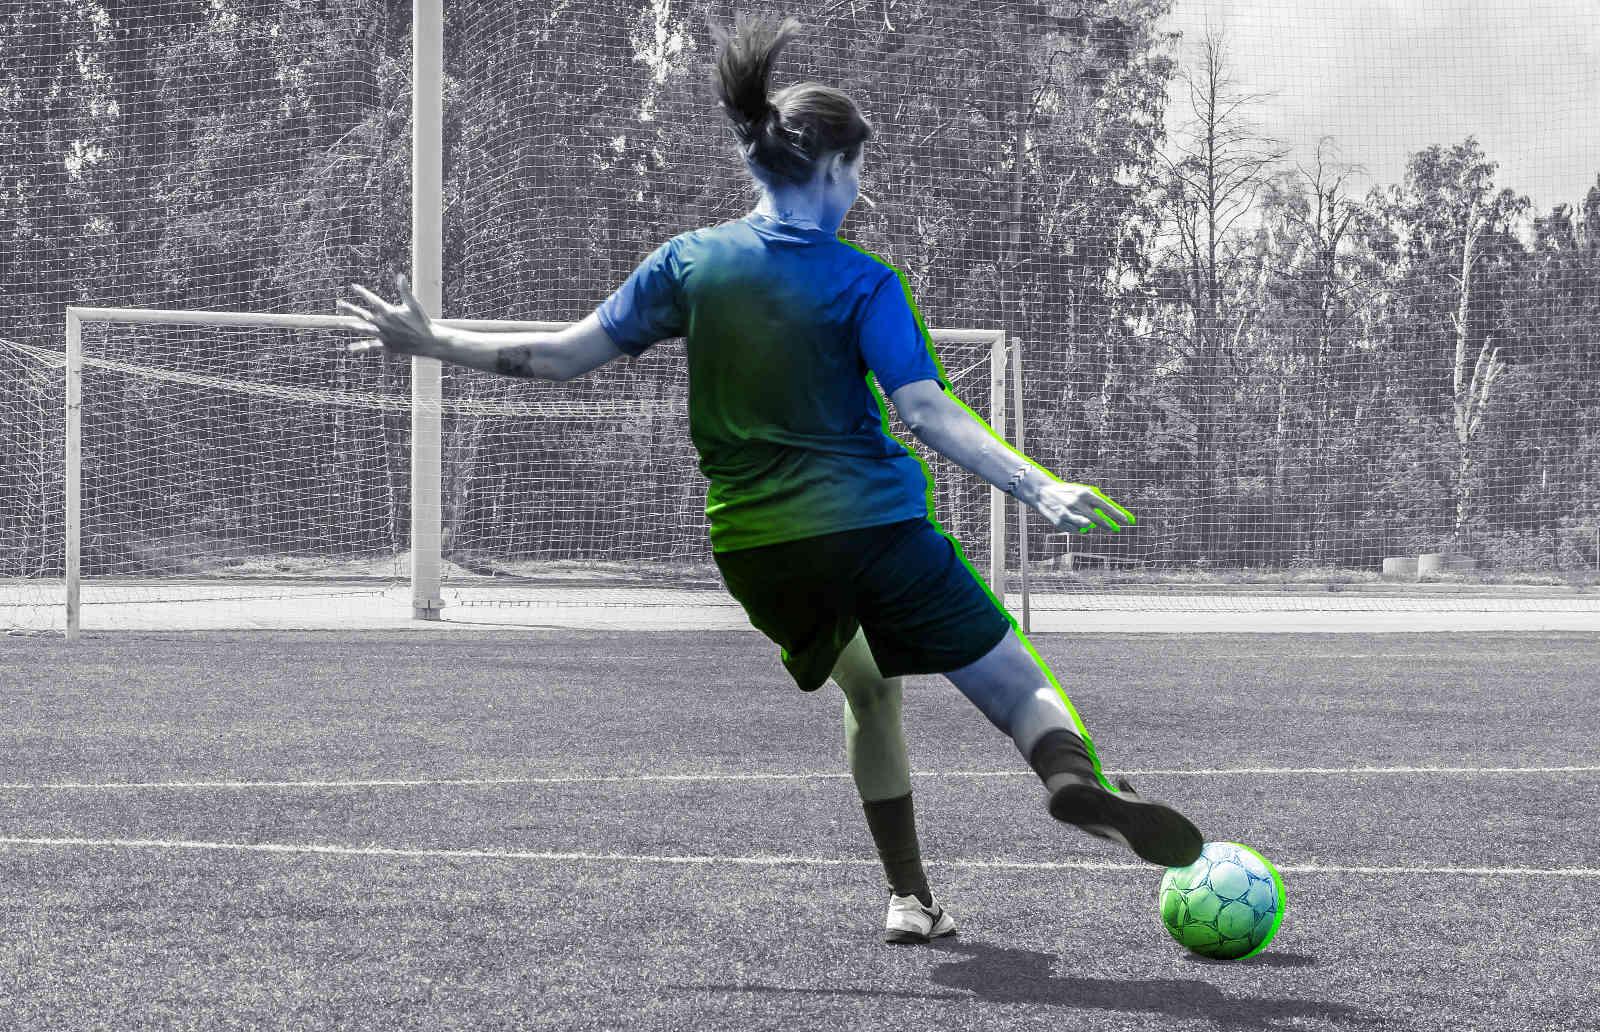 Lutter contre les douleurs, gênes et douleurs liées à la pratique du football avec DR SPORT